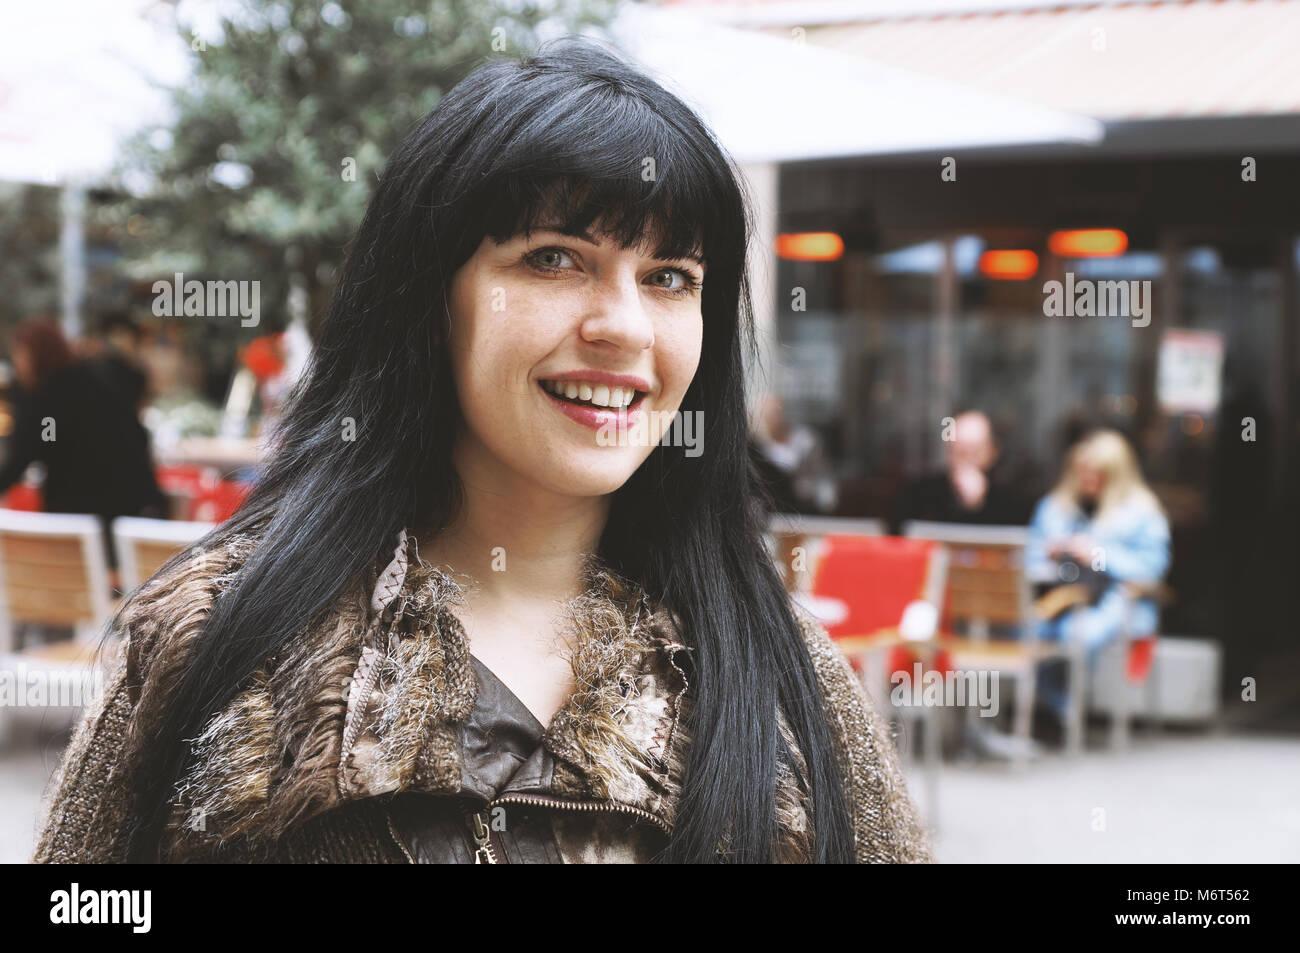 Junge Frau in der Innenstadt Fußgängerzone vor einem Café im Freien Stockbild